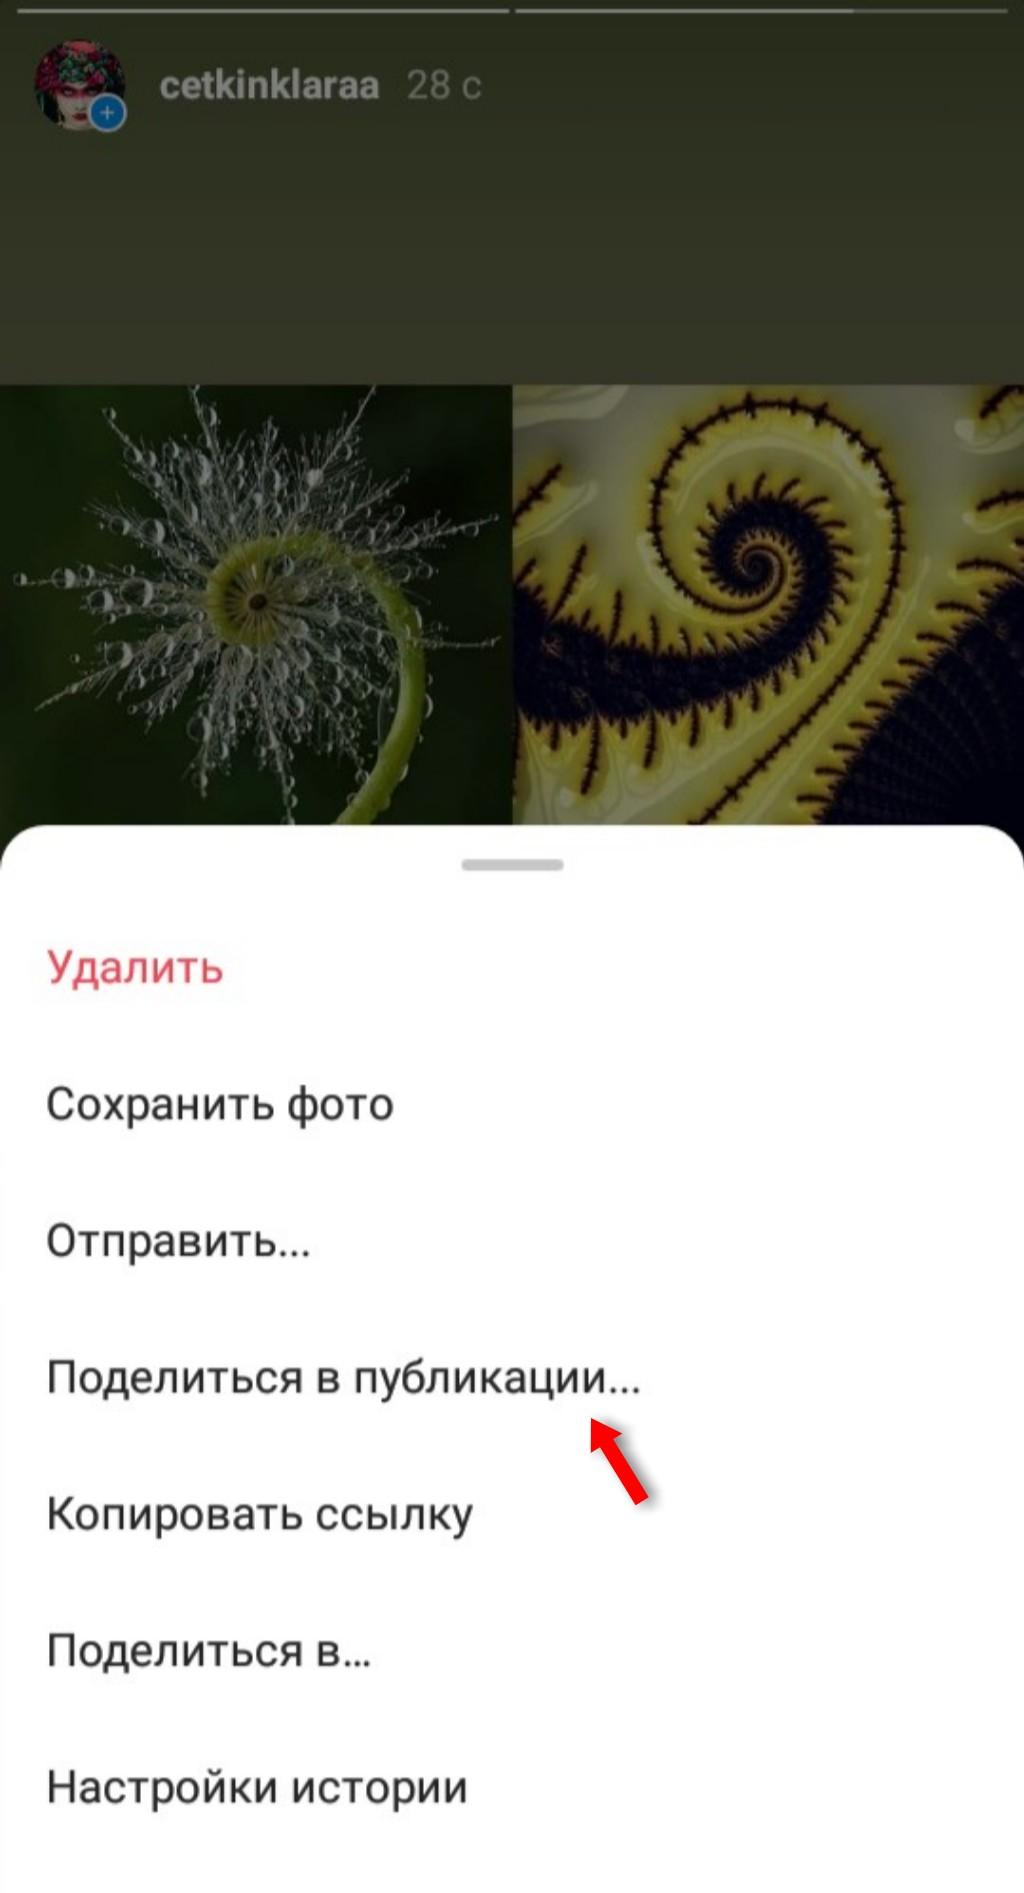 InFrame_1627811485319.jpg